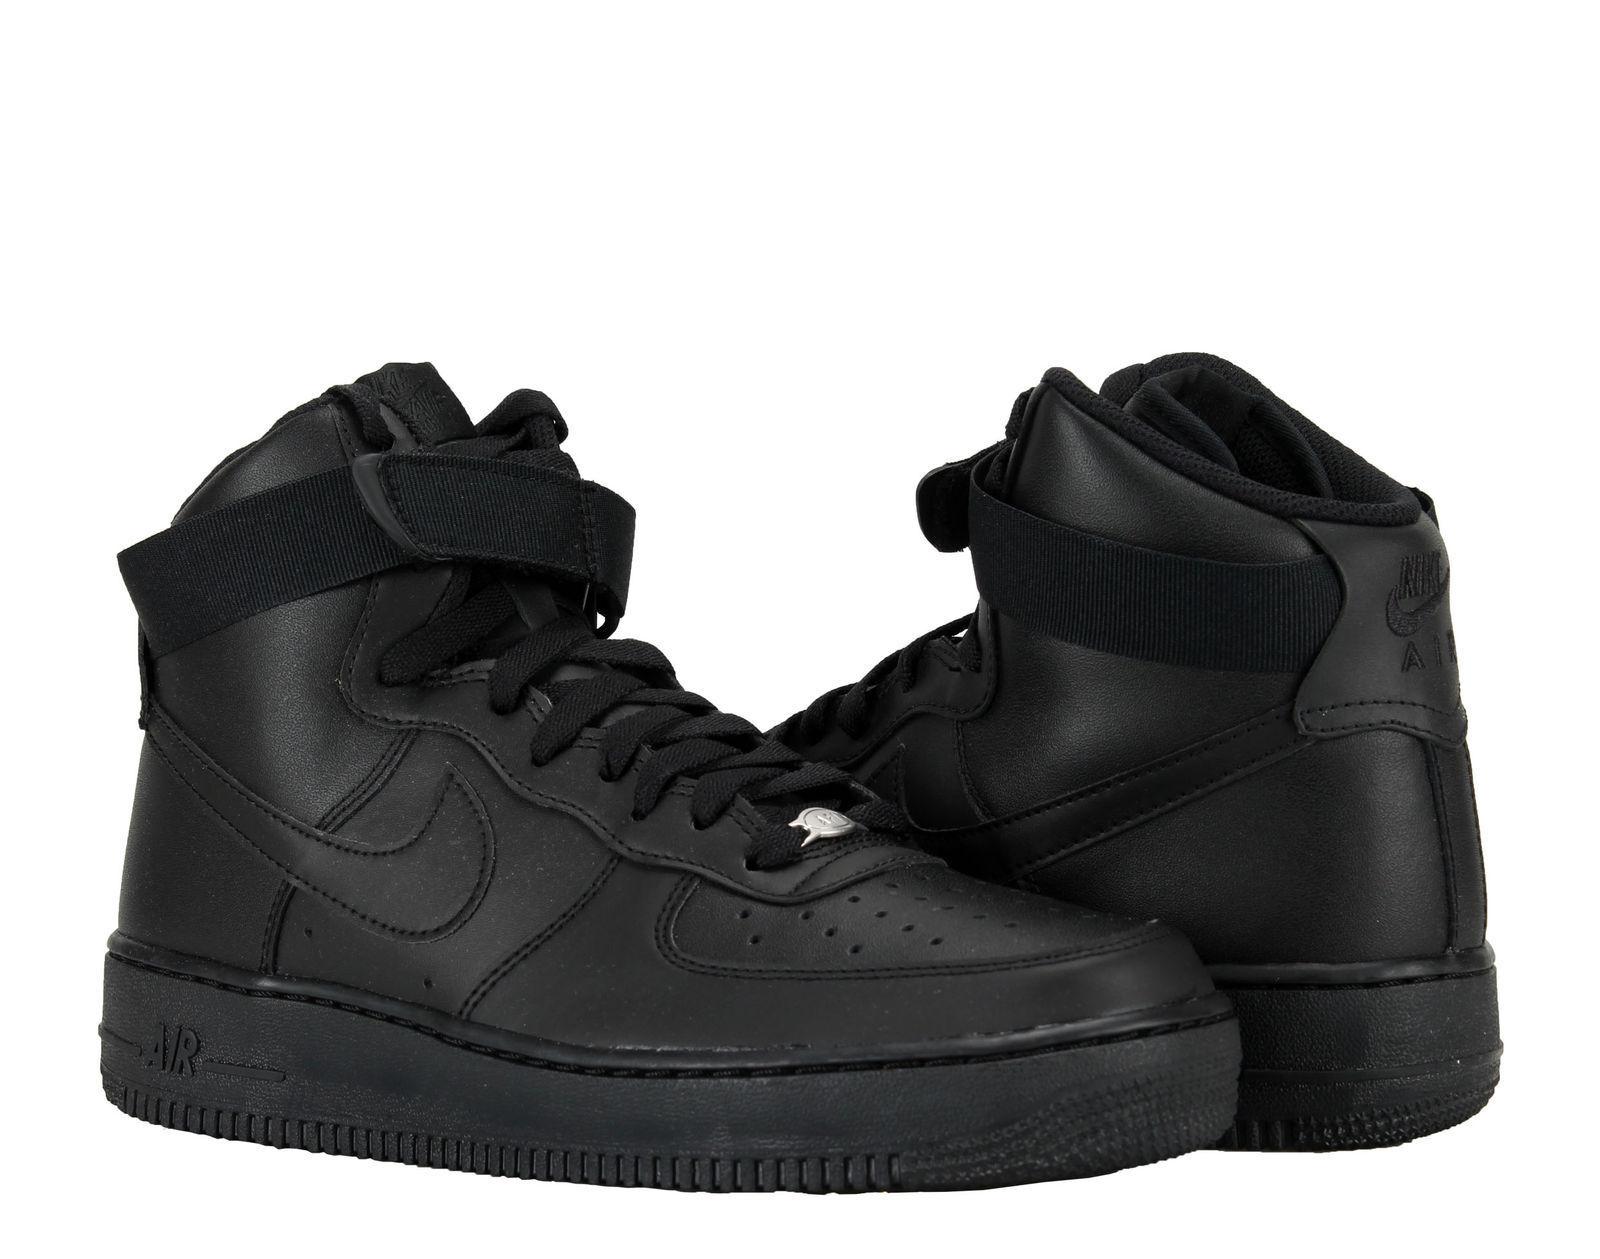 Männer - force nike air force - 1 hohe '07 lifestyle schwarz / schwarz für 315121-032 größe 8 - 12 34e165